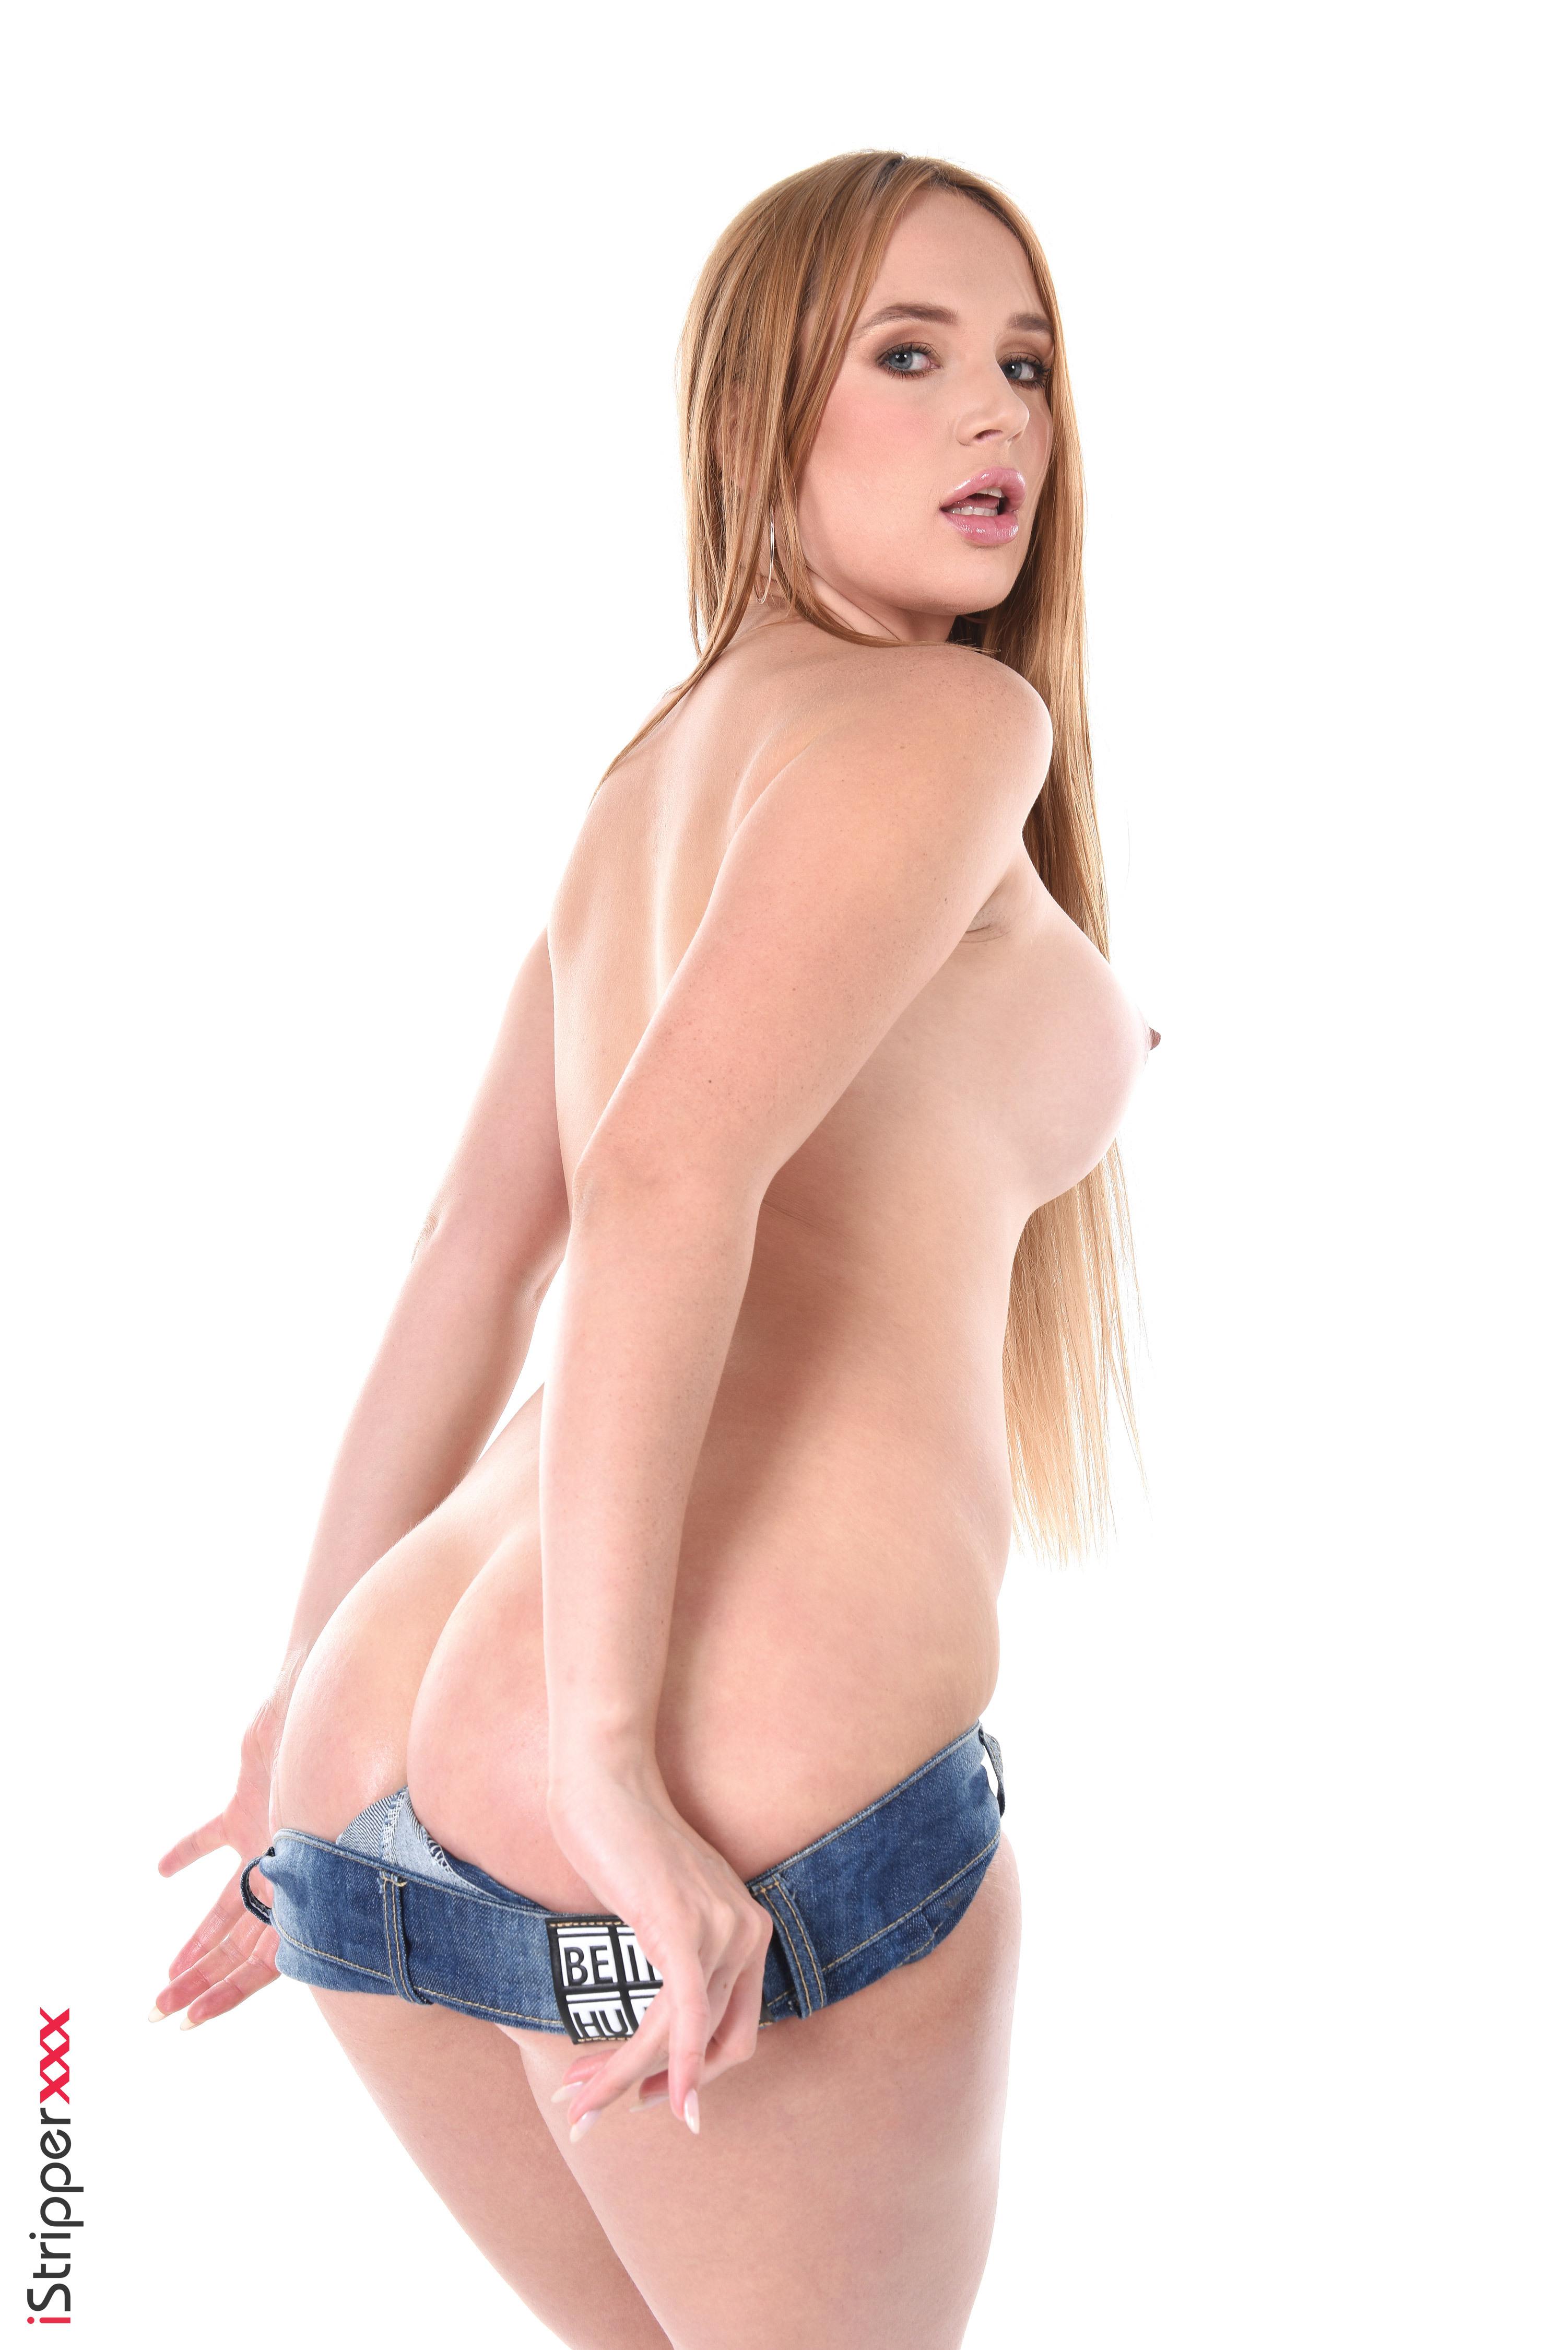 sexy hot erotic girls